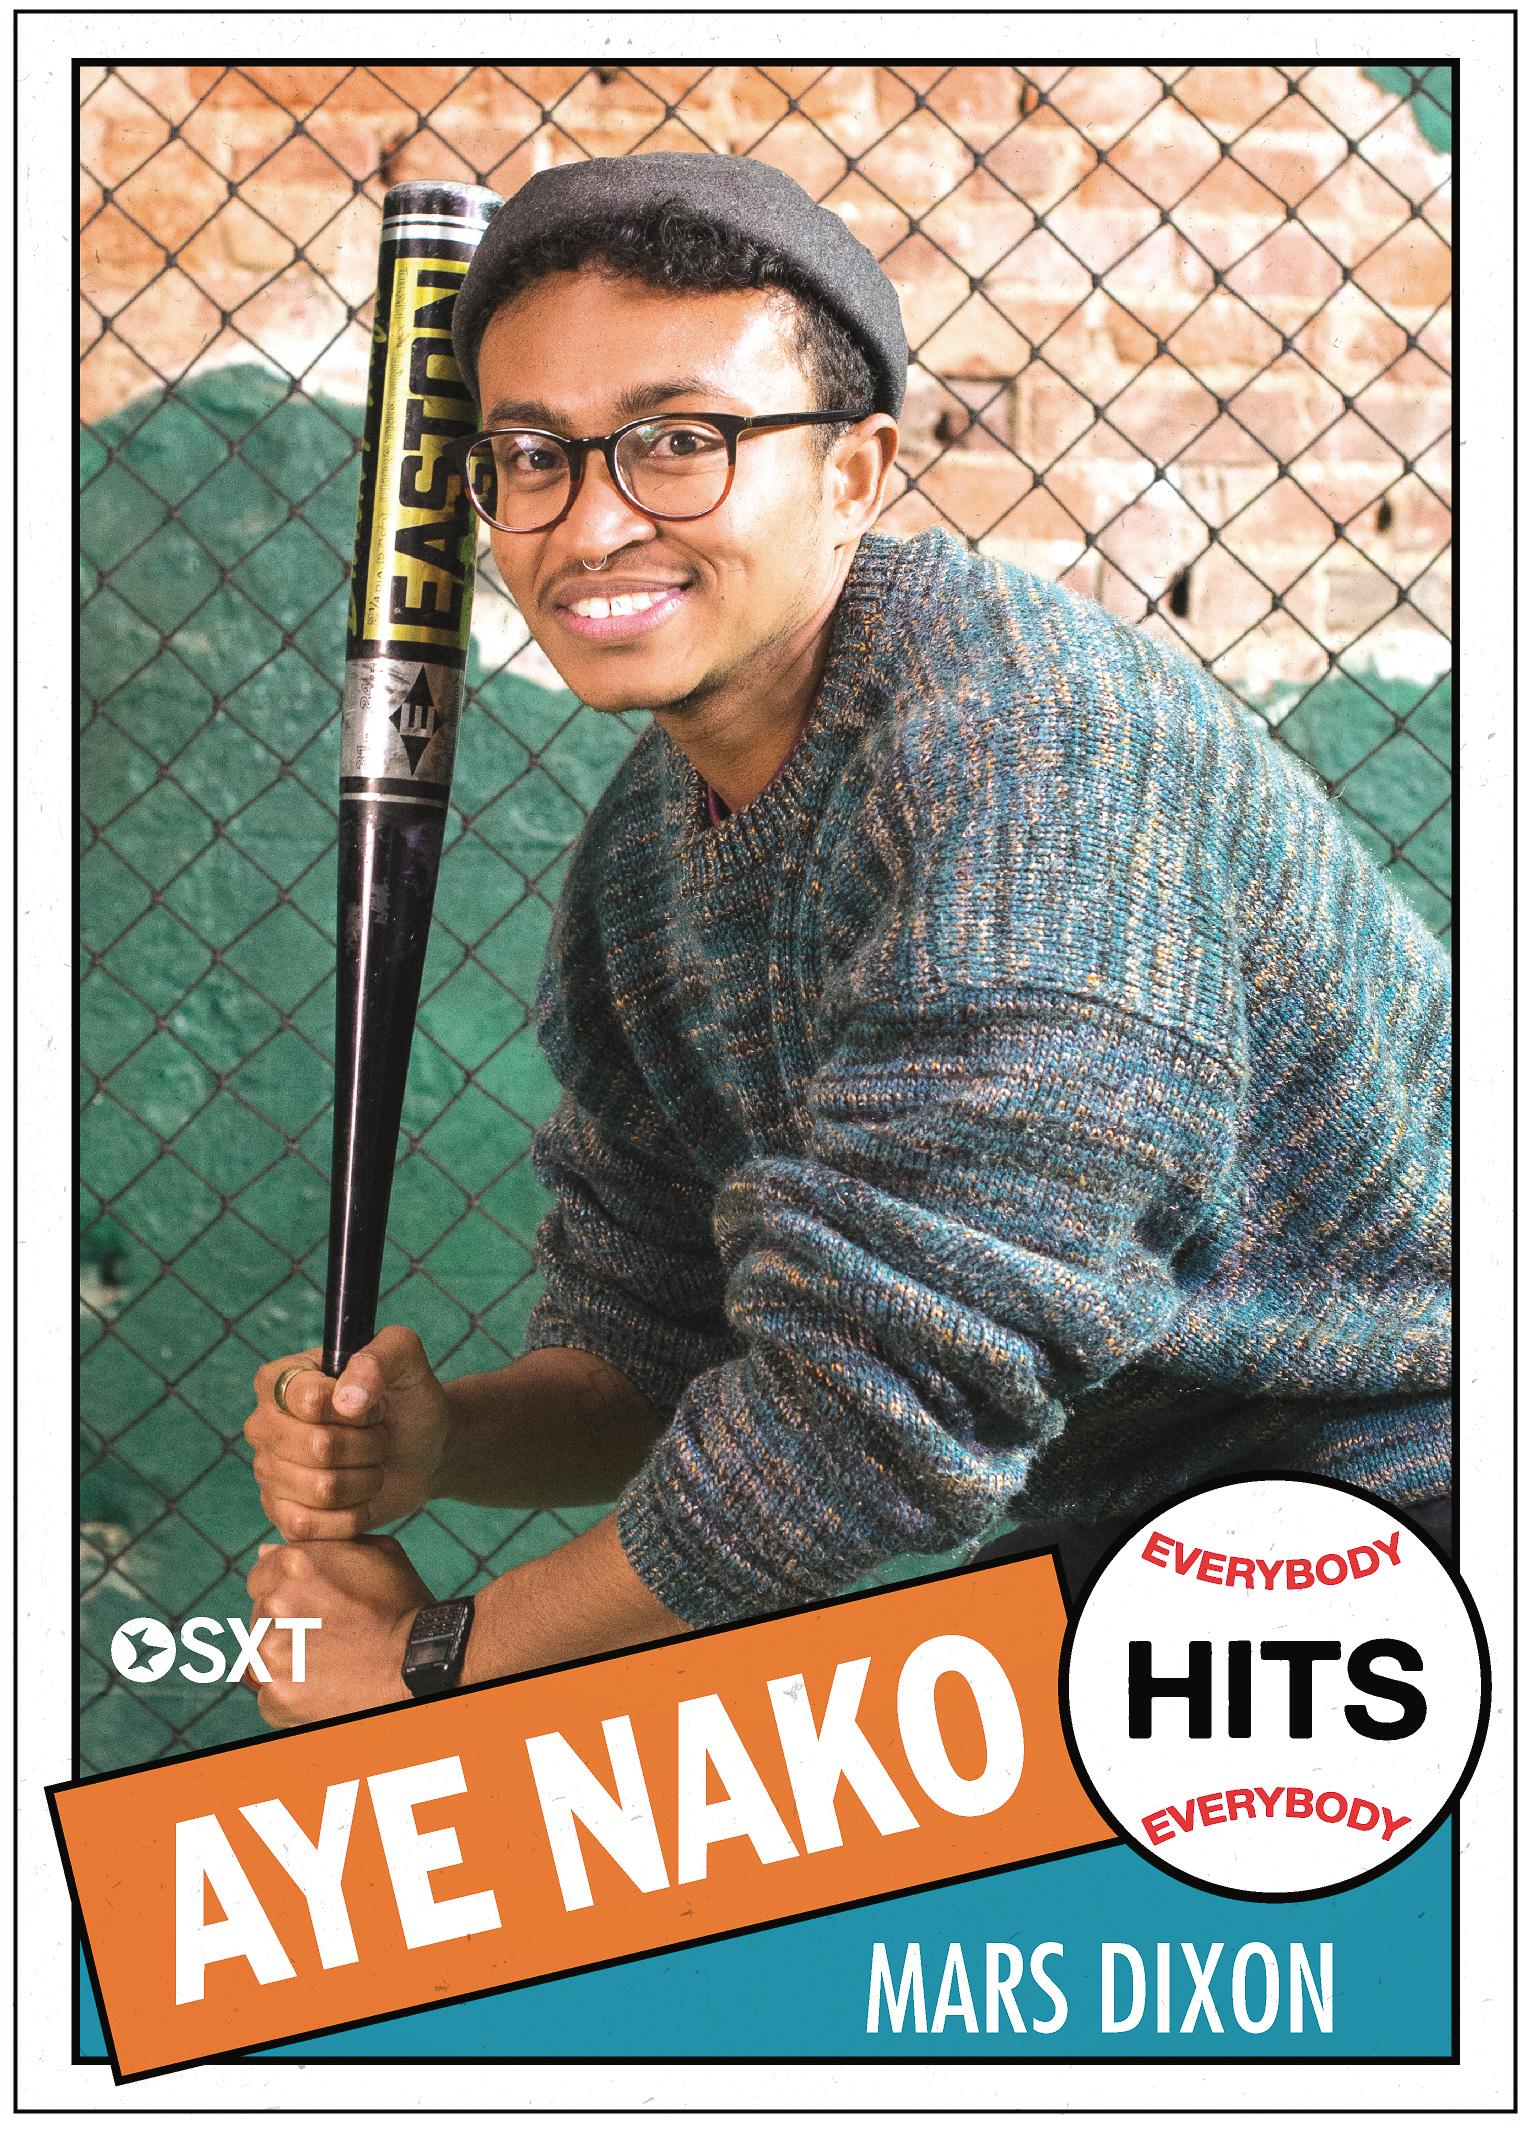 Mars Dixon of Aye Nako